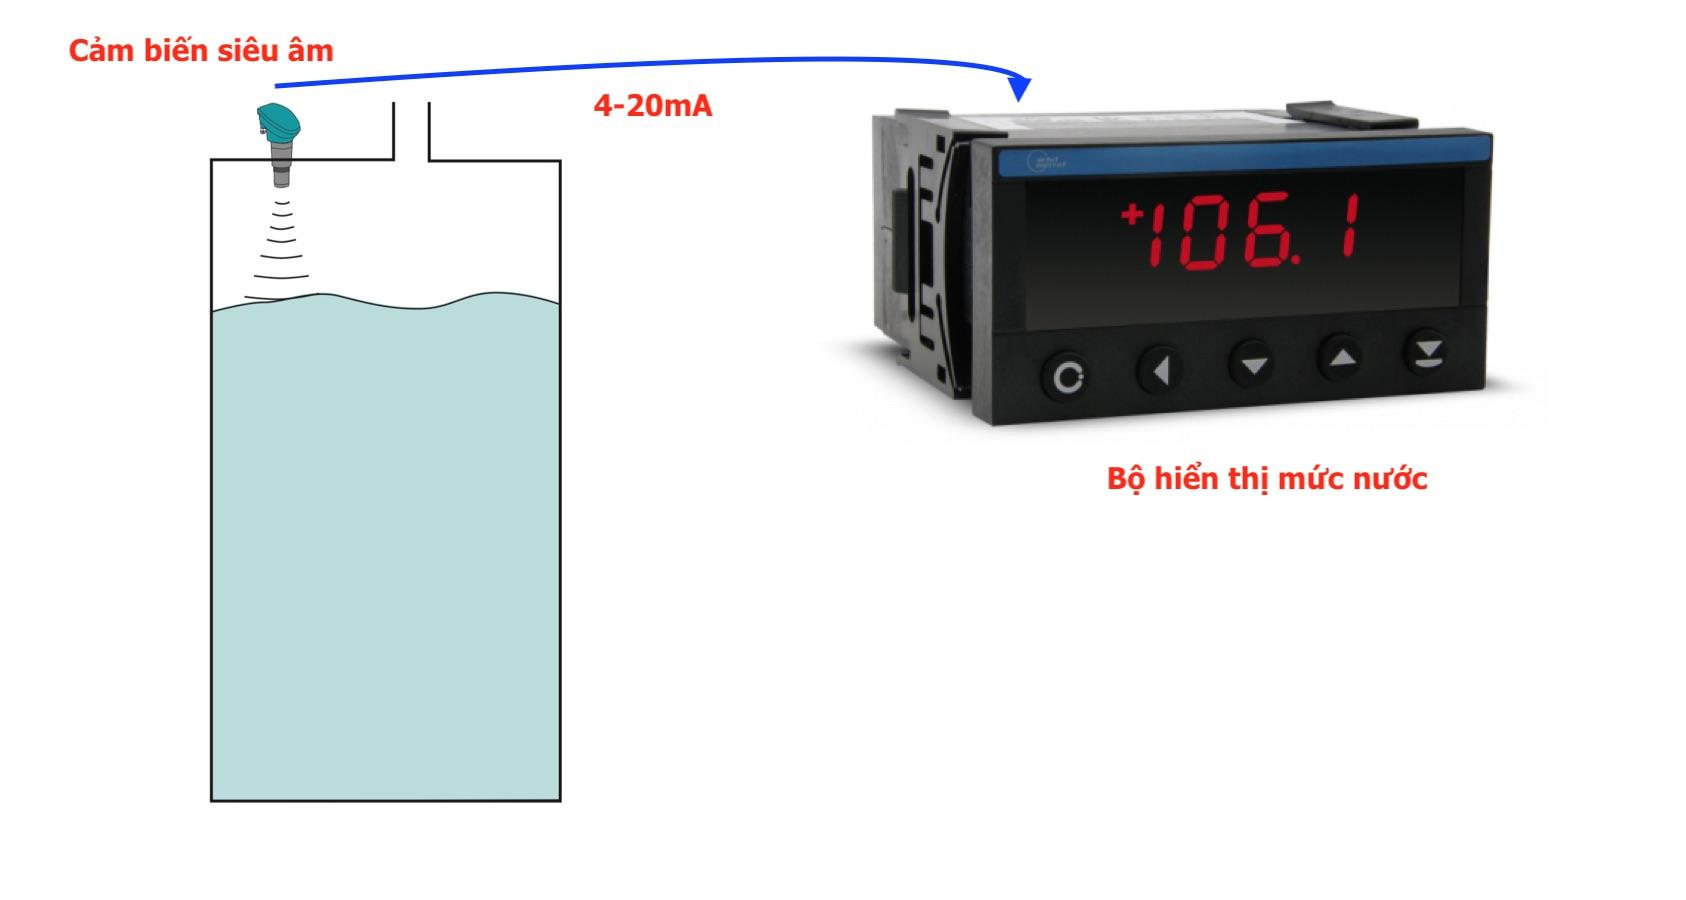 Bộ hiển thị mức kết hợp cùng cảm biến siêu âm